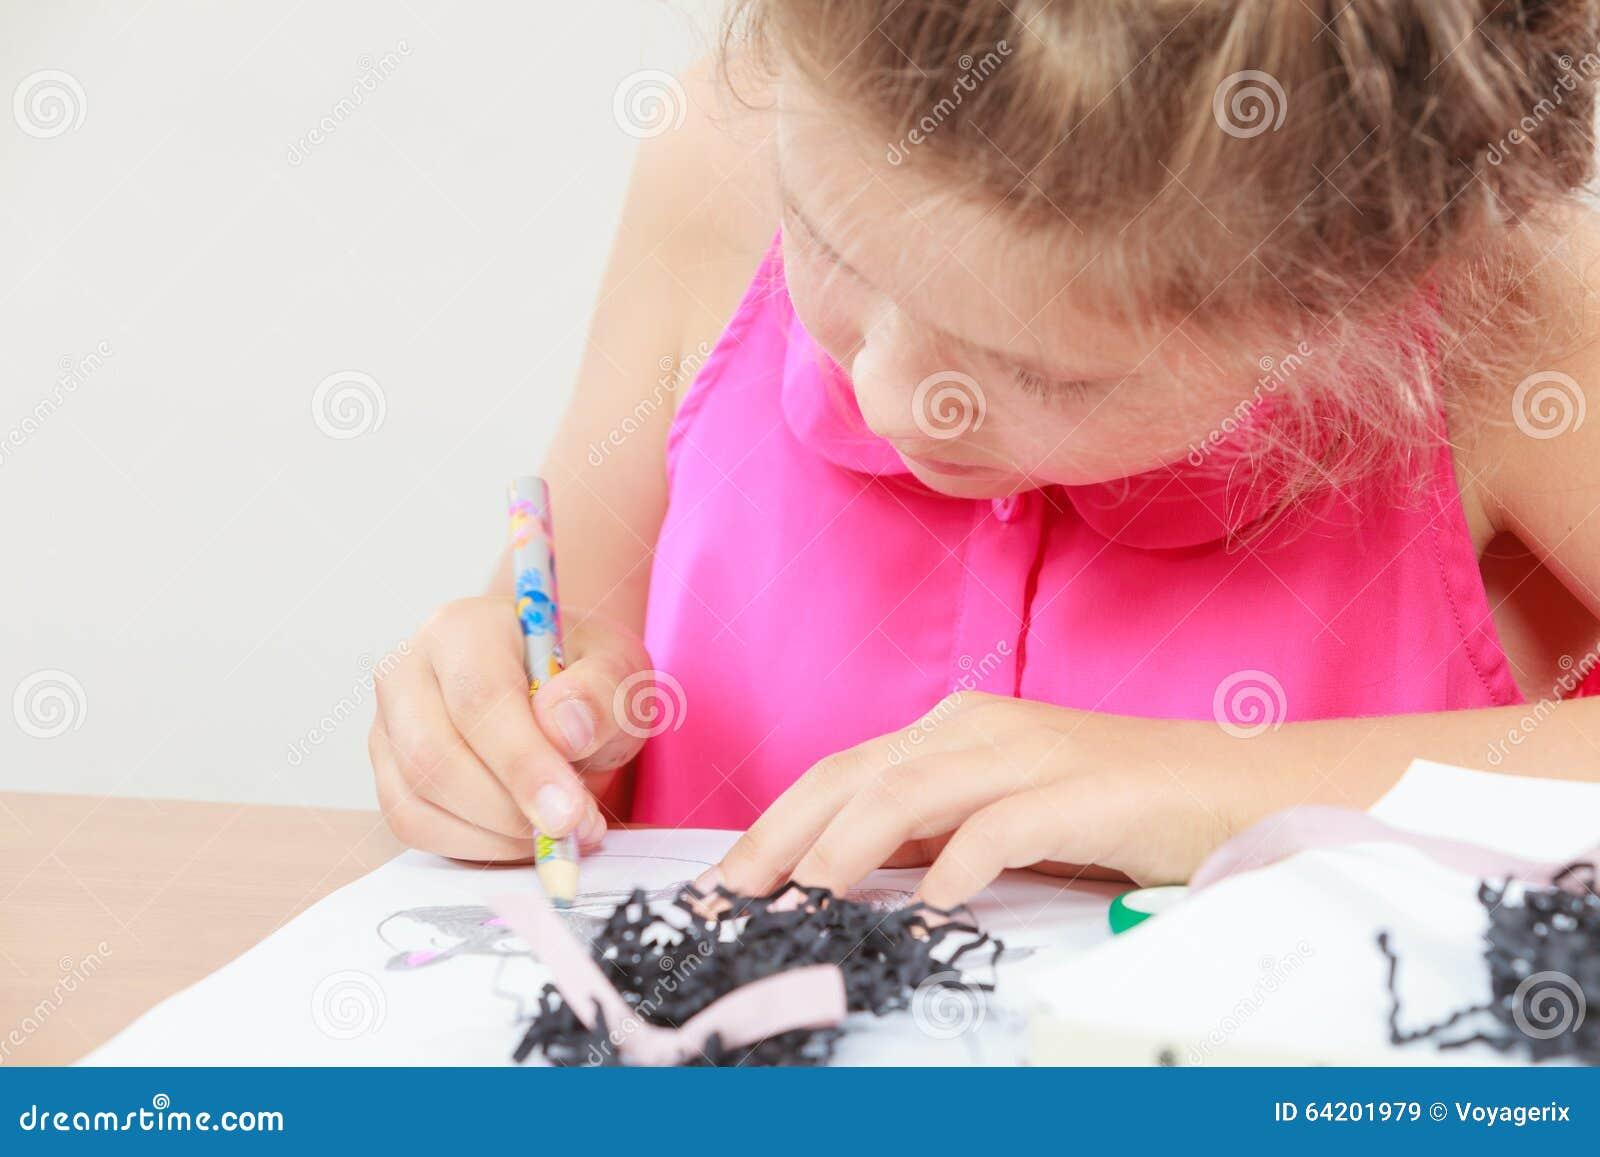 Drenaje de la niña en la sala de clase